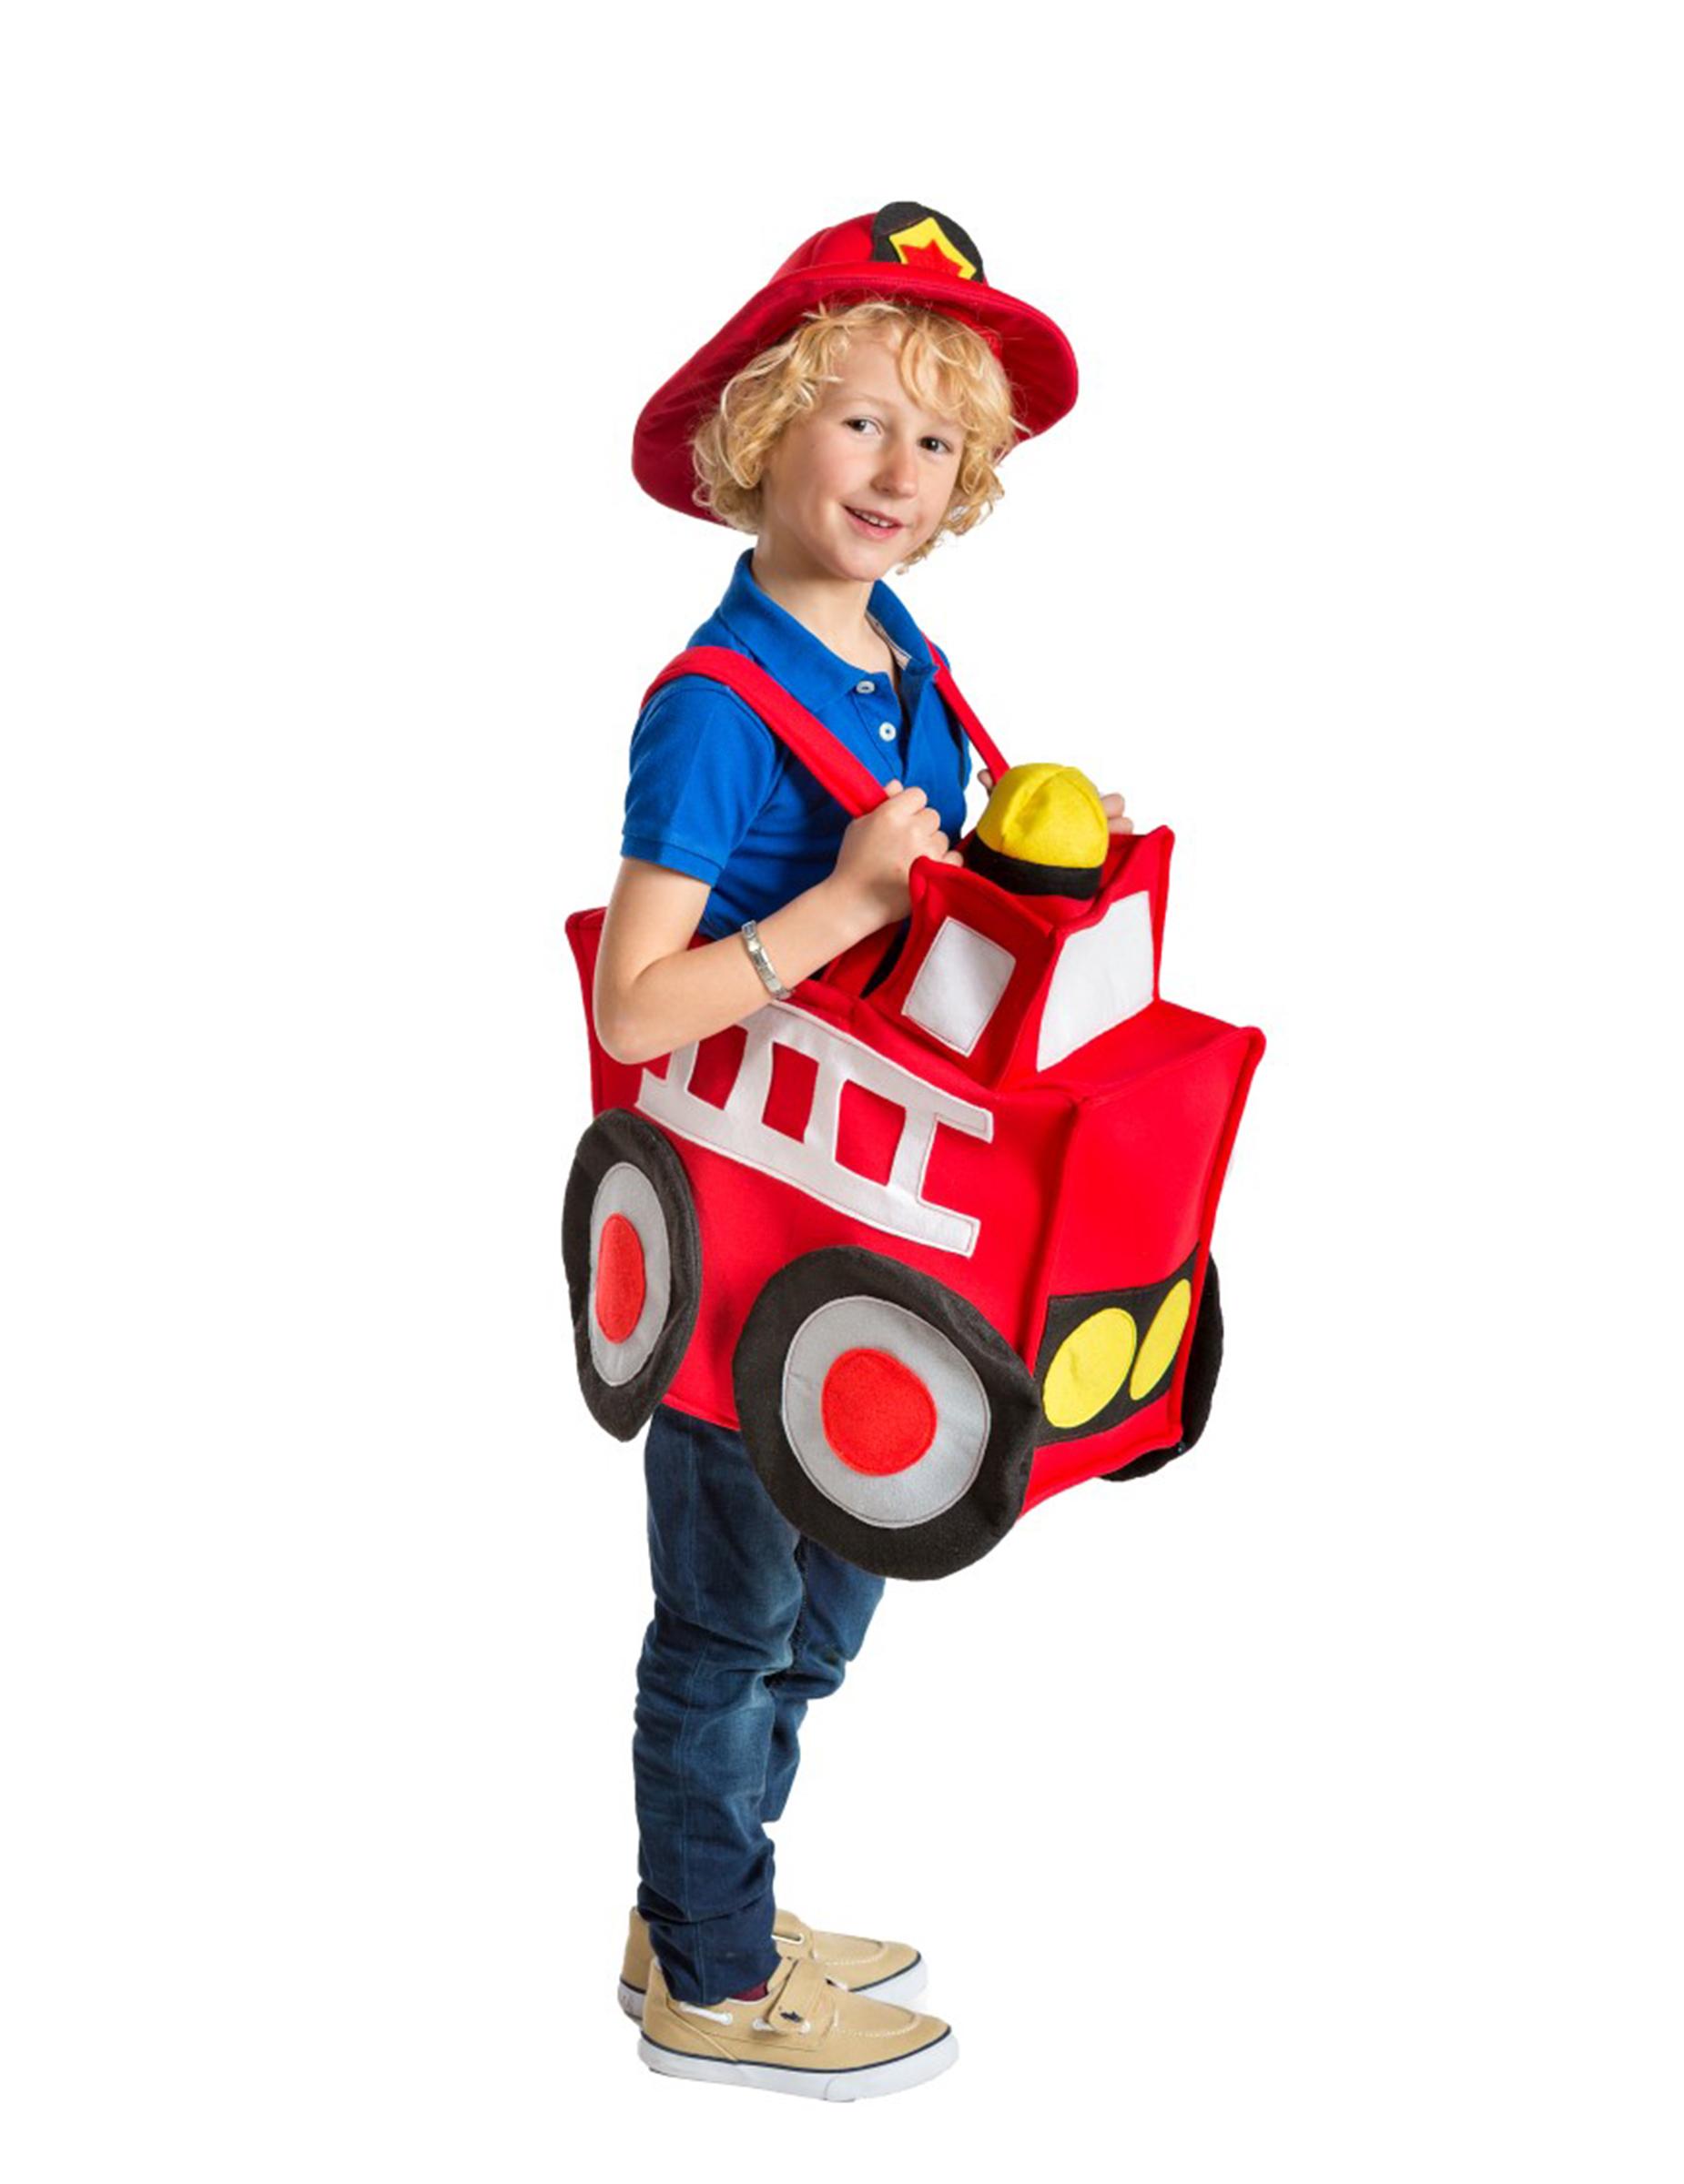 d guisement camion de pompier enfant premium achat de d guisements enfants sur vegaoopro. Black Bedroom Furniture Sets. Home Design Ideas